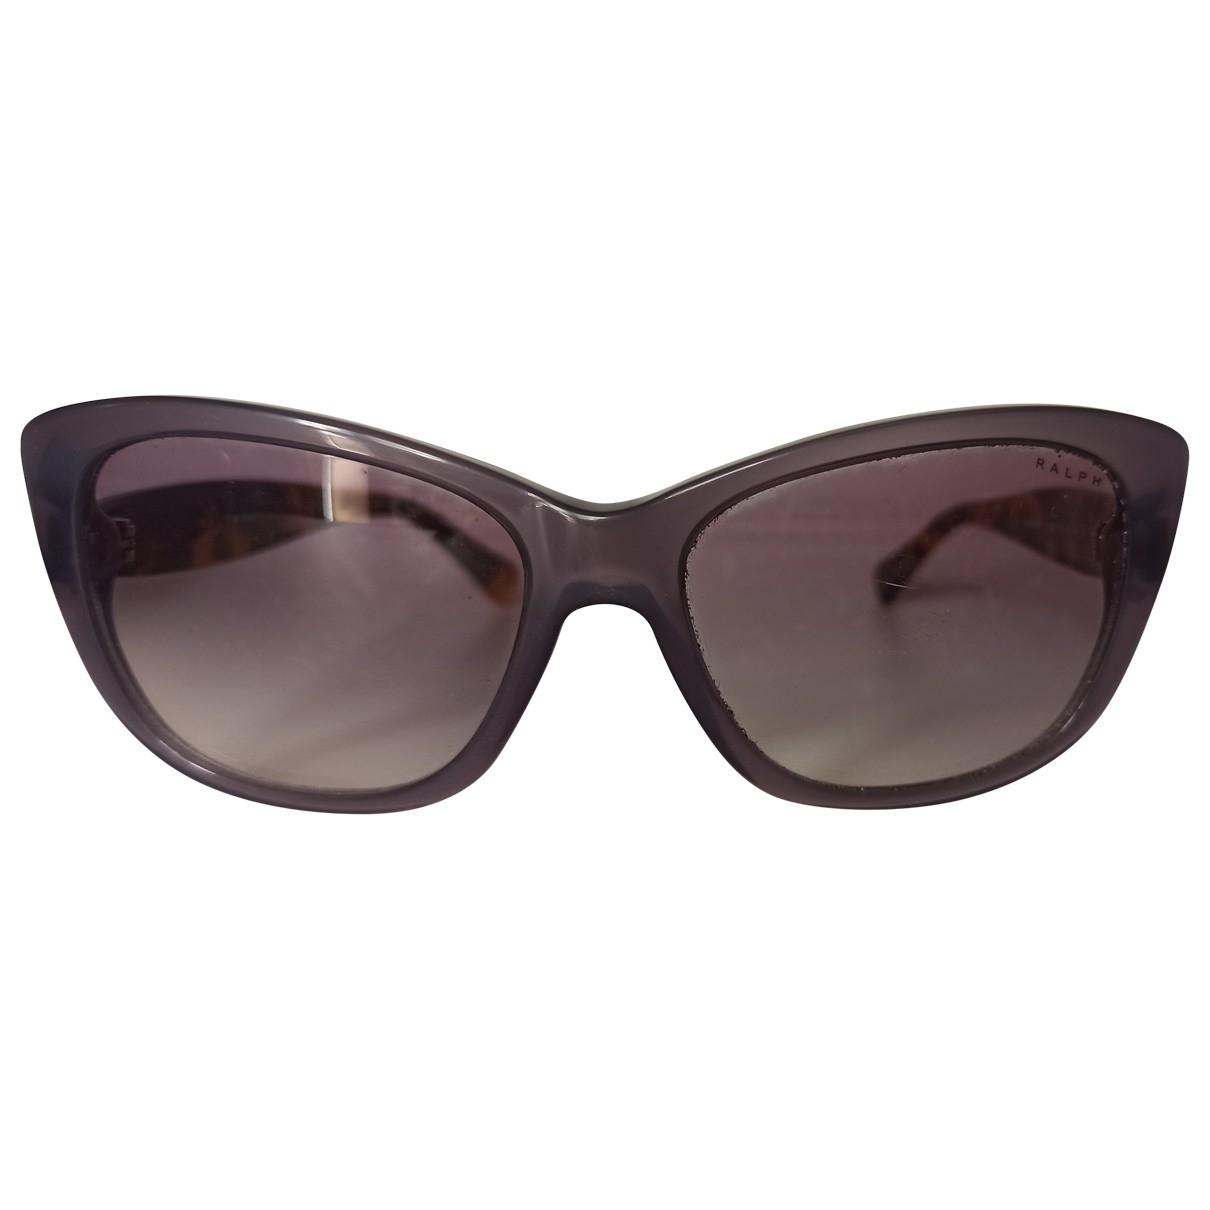 Gafas mascara Ralph Lauren